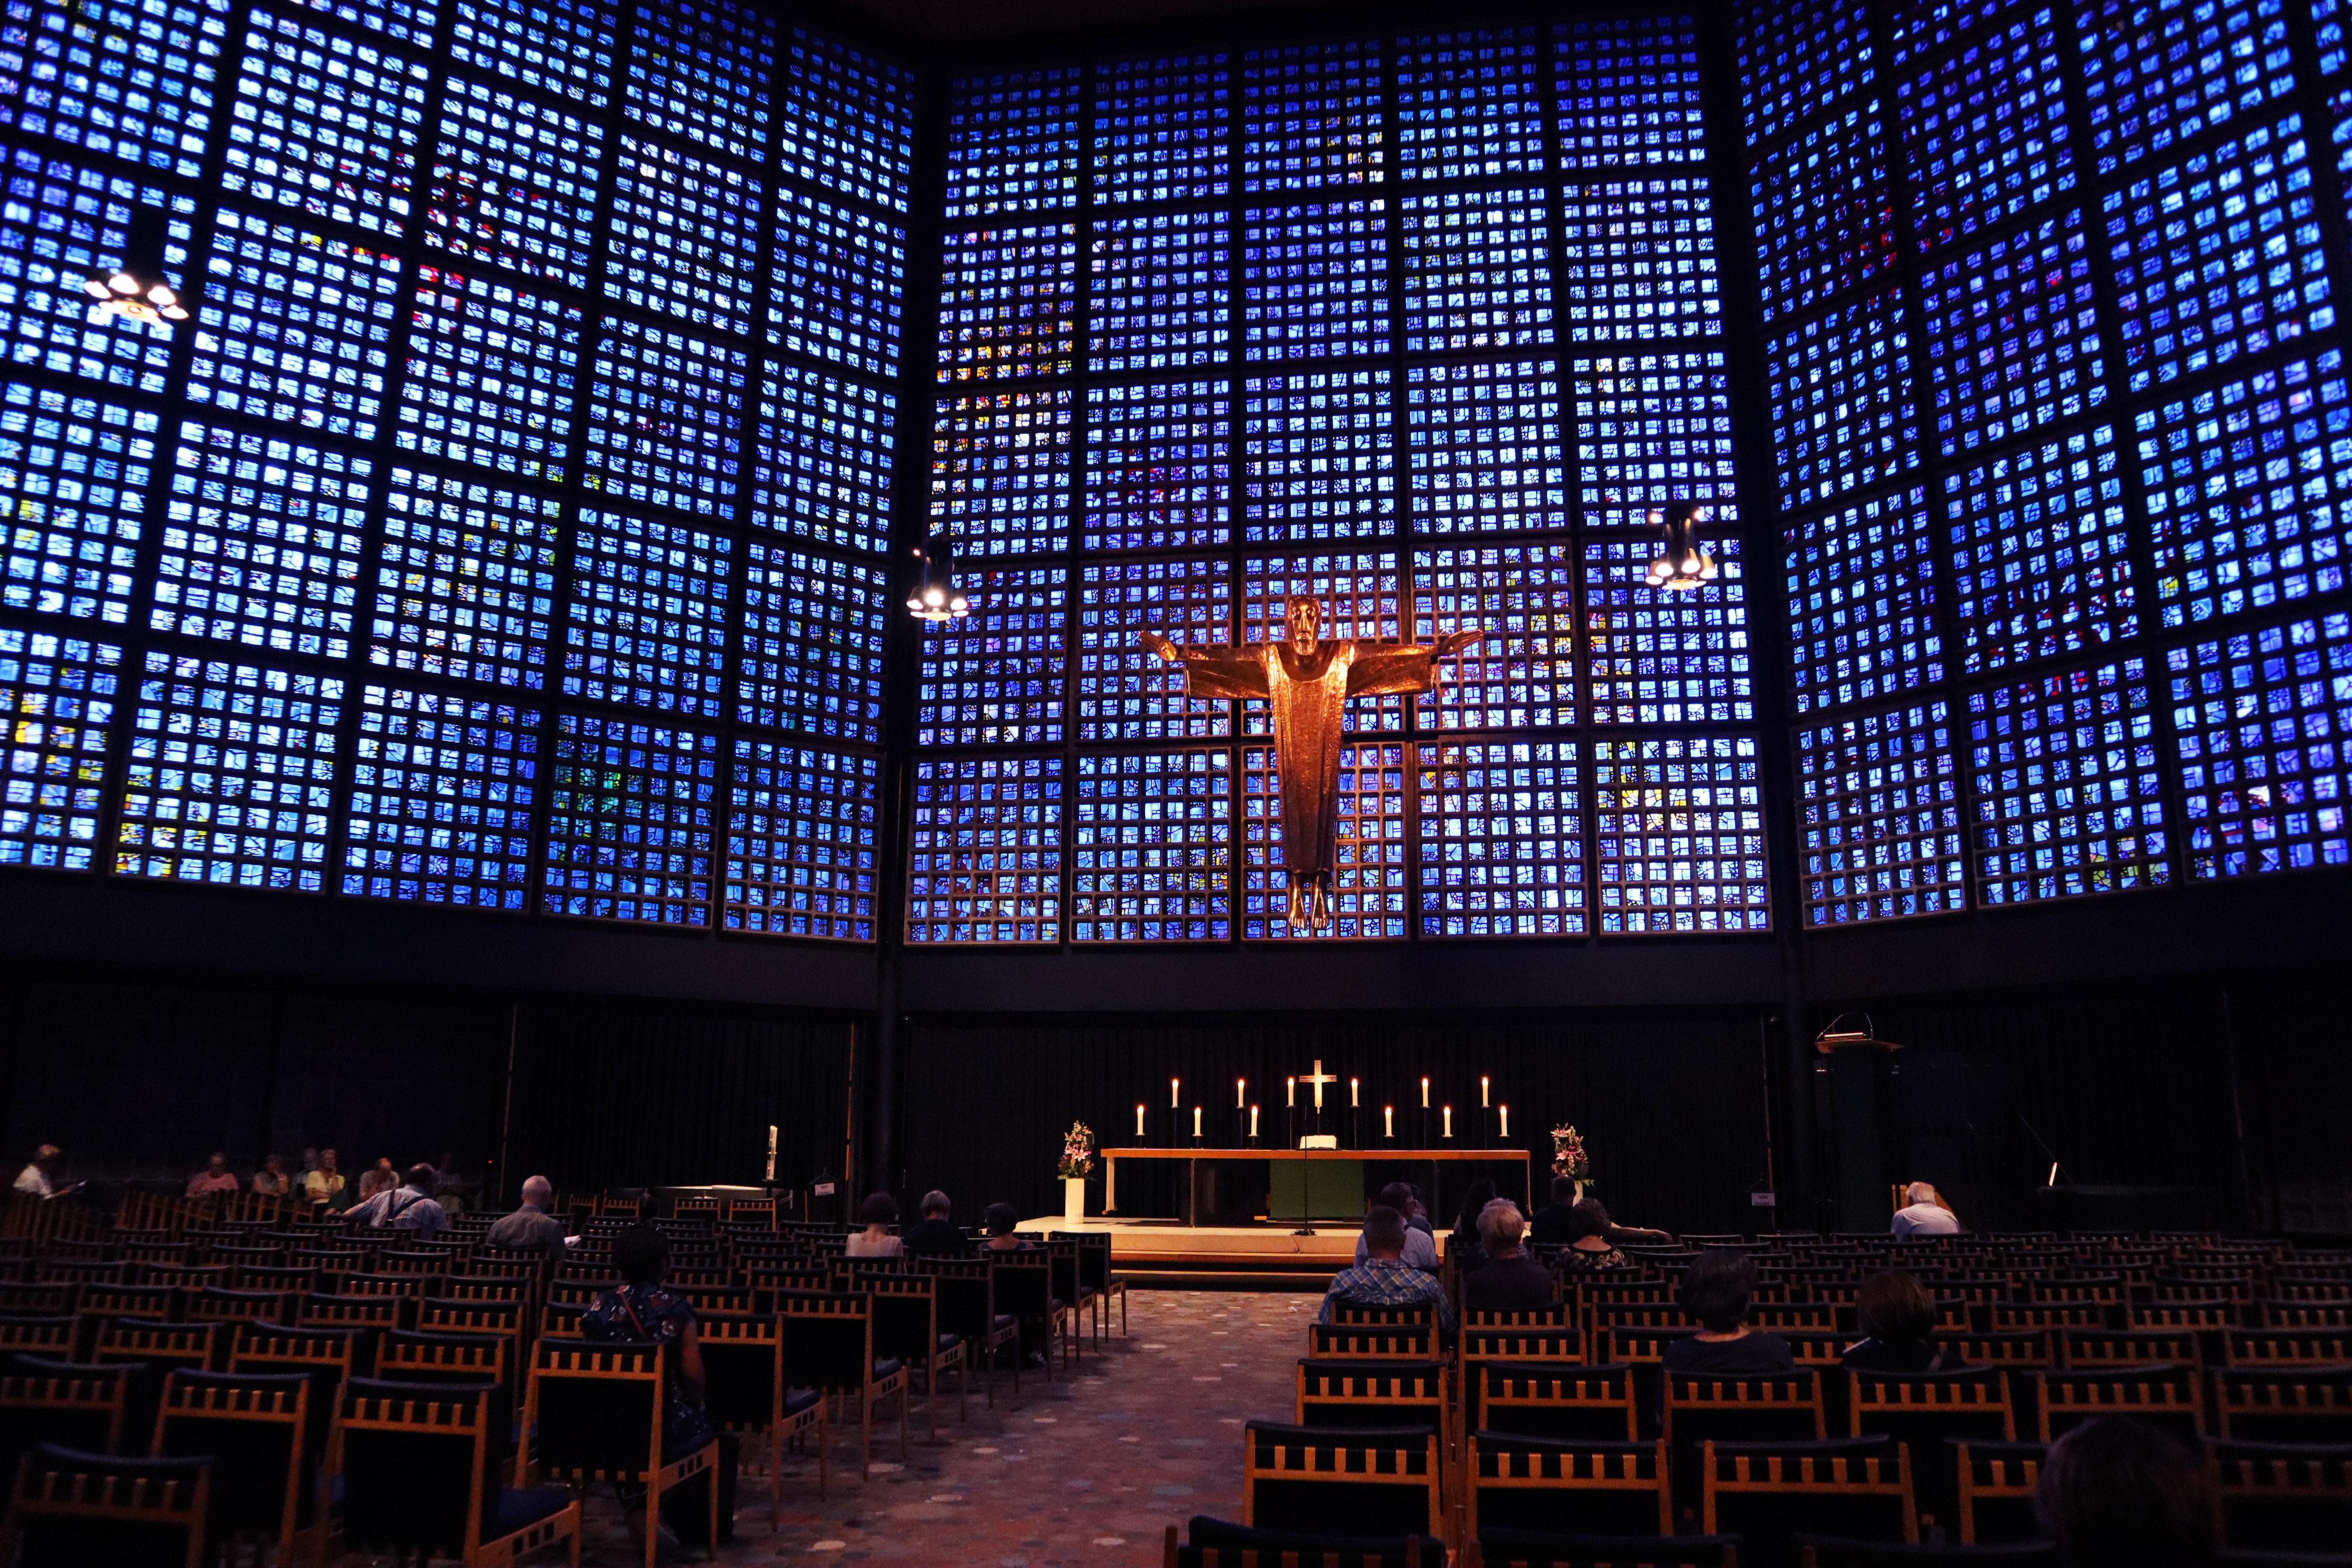 Kaiser Wilhelm memorial church, Berlin